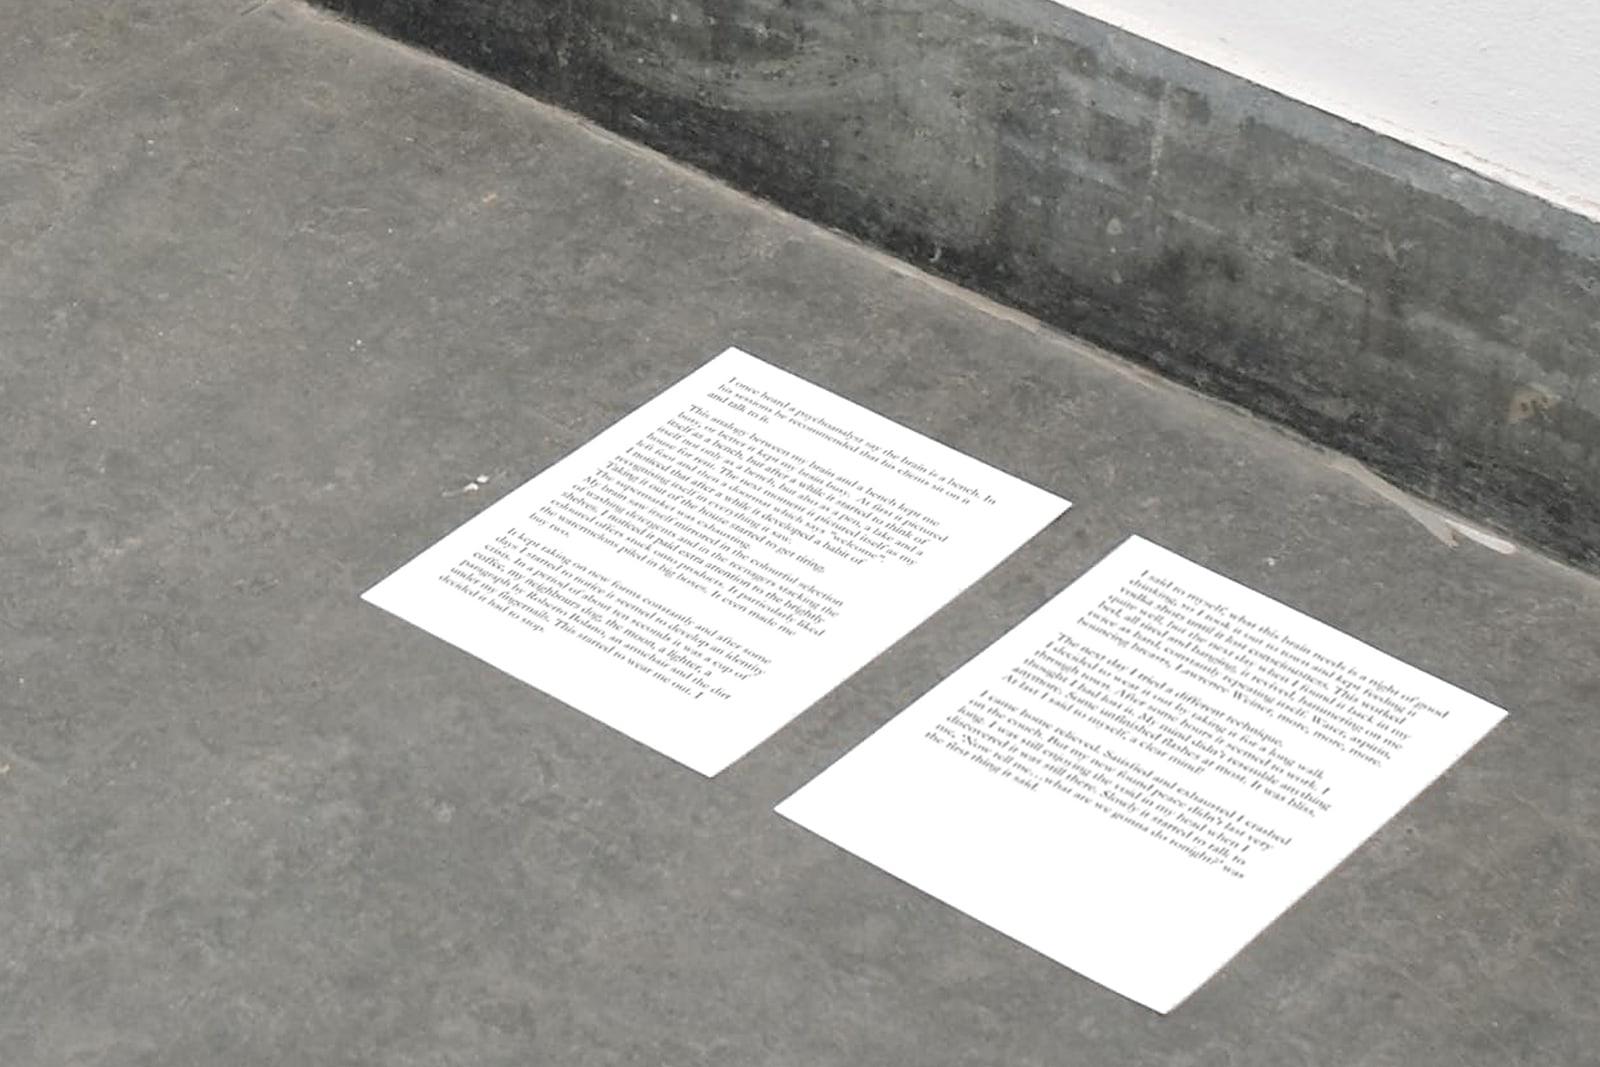 Untitled ('I once heard a psychoanalyst say...'), Martijn in 't Veld, 2011, laserprint on paper, skateboard